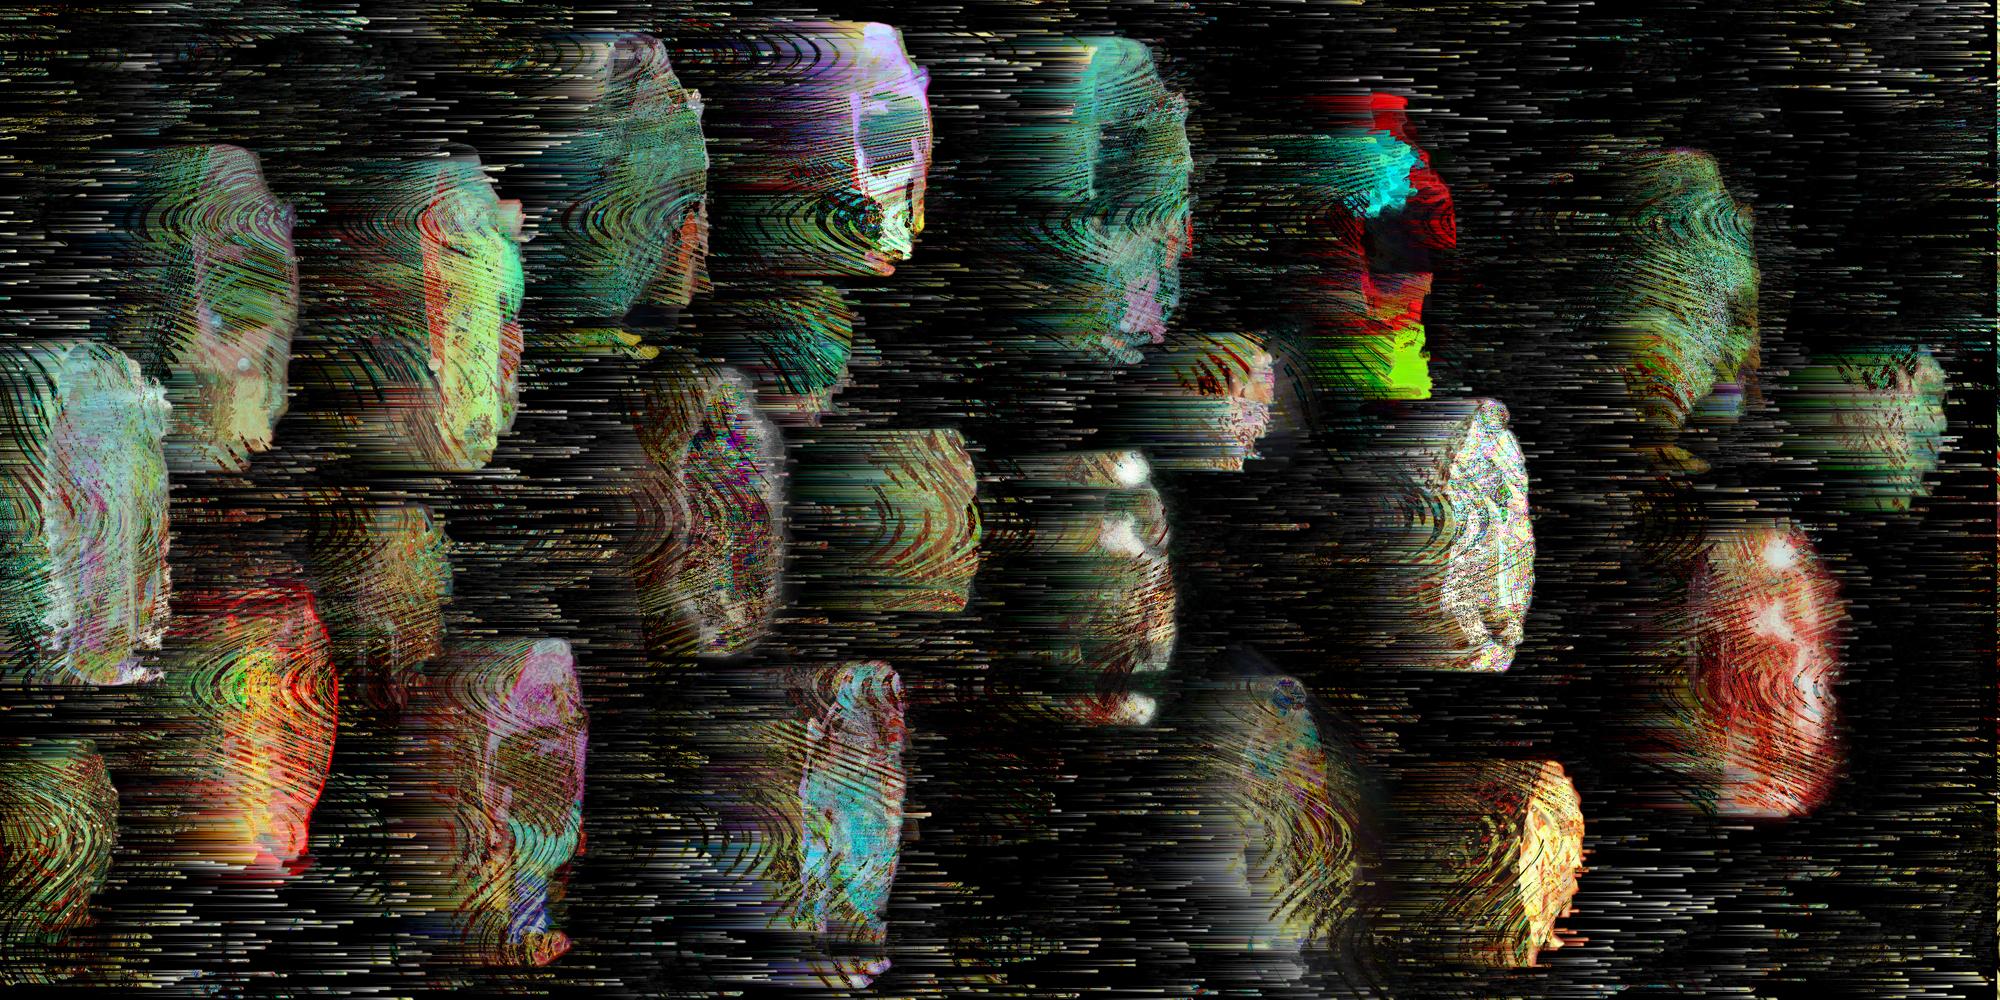 Patternwoman, video image